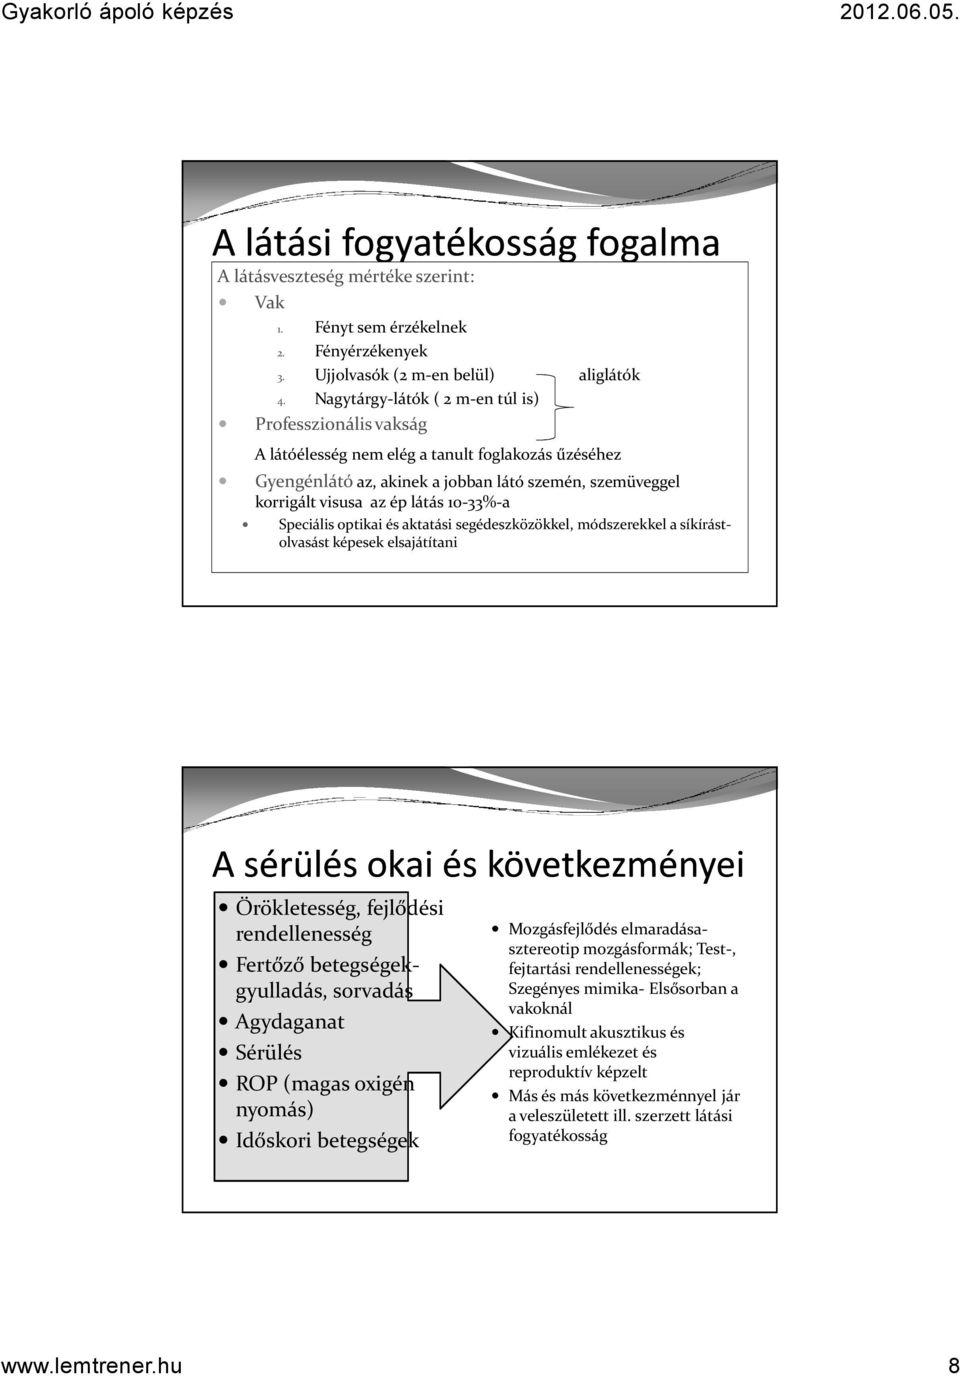 a magas vérnyomásban szenvedő fogyatékosság mértéke alapján)